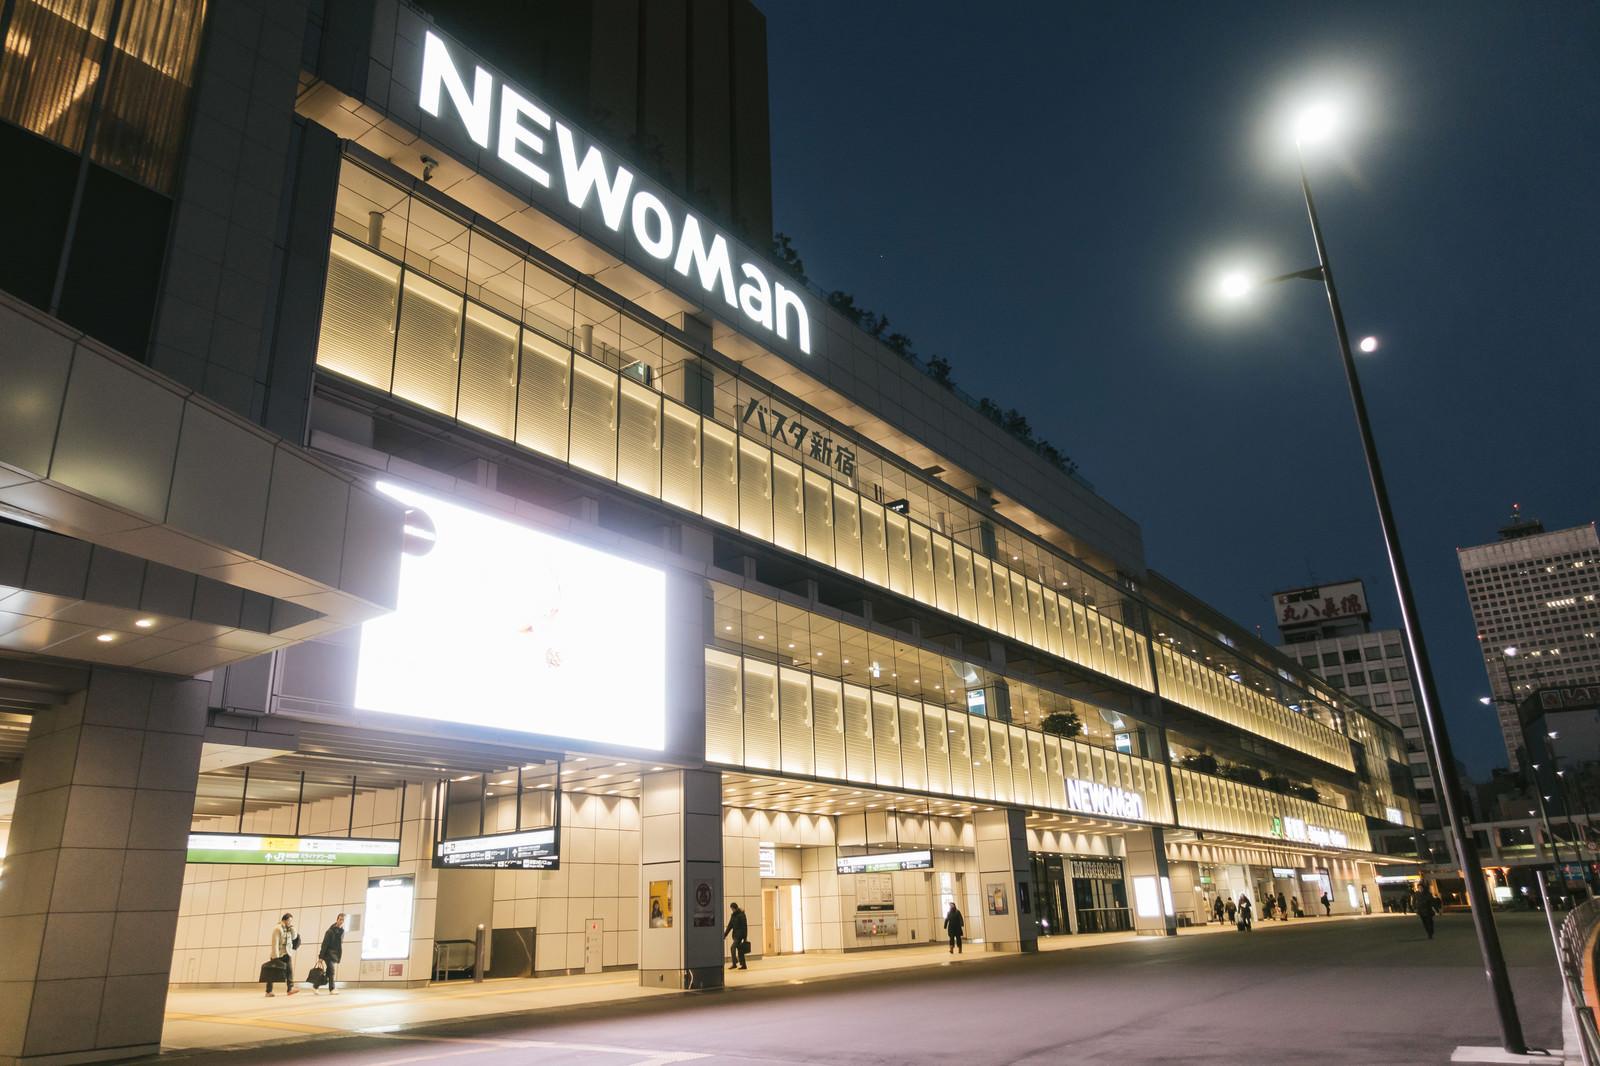 「夜が明ける前のバスタ新宿夜が明ける前のバスタ新宿」のフリー写真素材を拡大